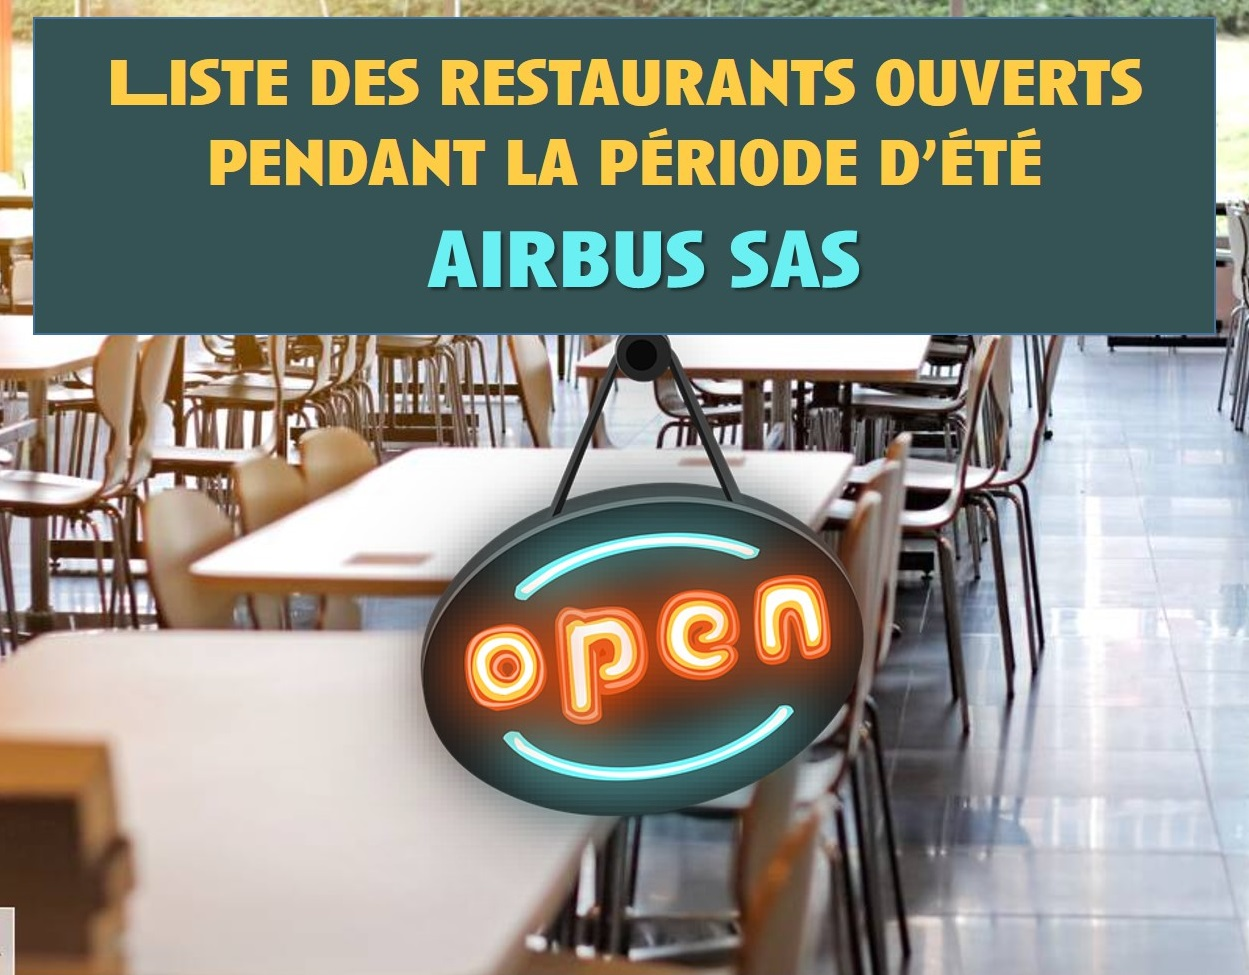 Les Restaurants ouverts pendant la période d'été